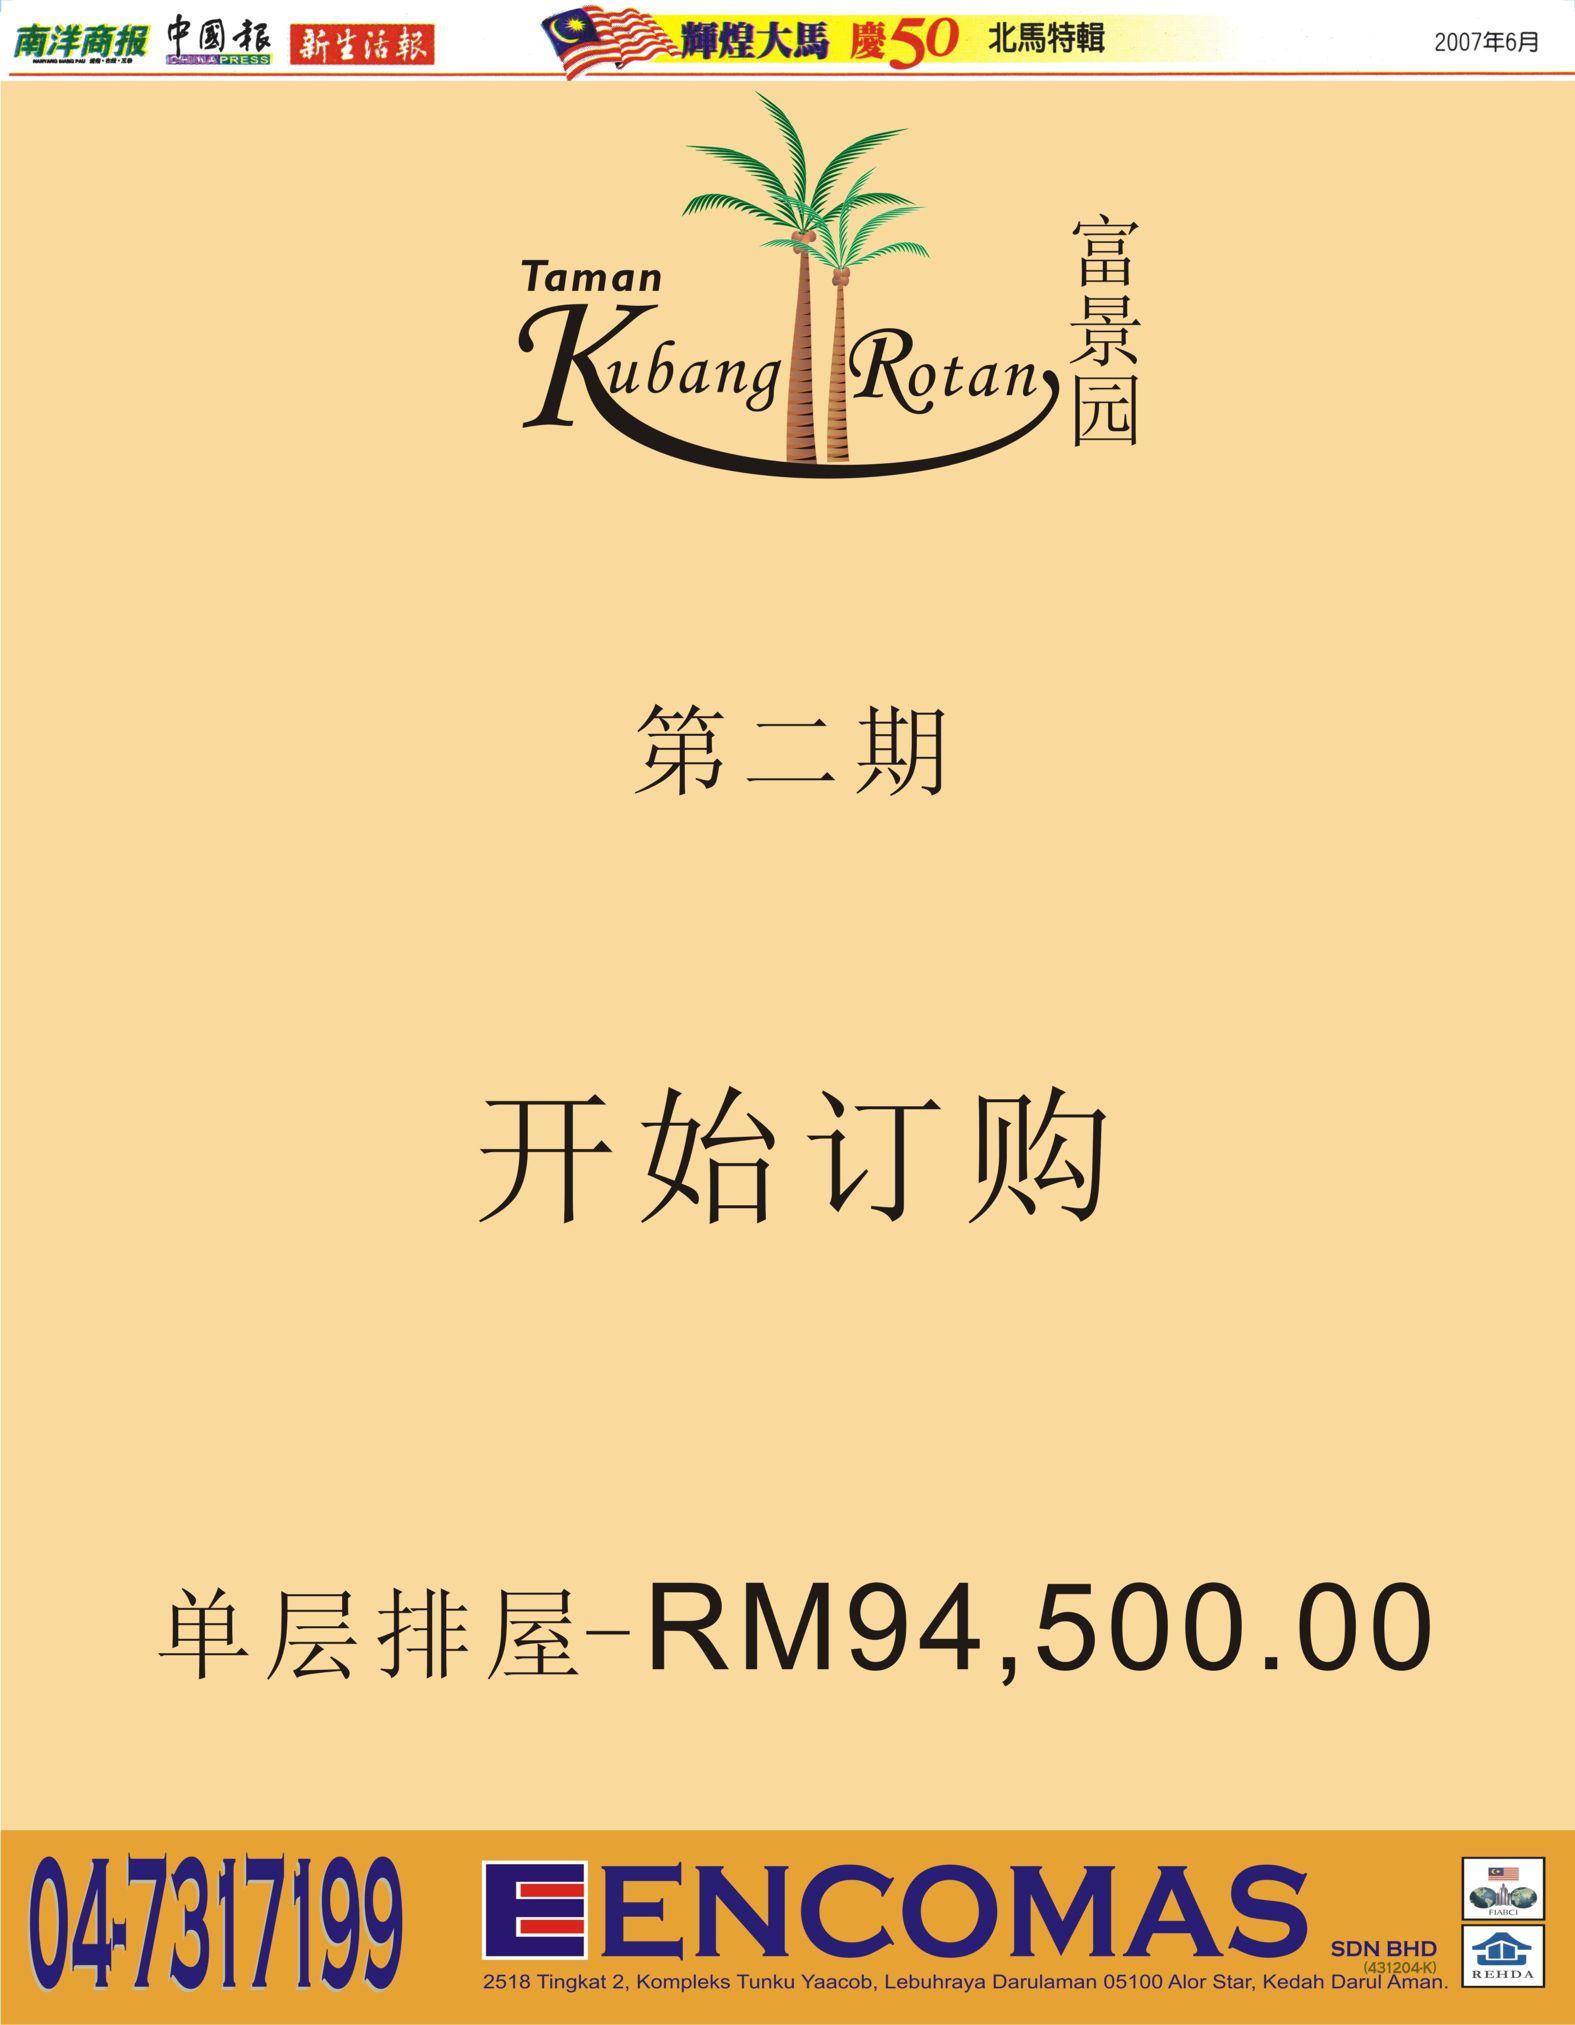 2007_06 Nanyang - Launching New Project at Taman Kubang Rotan